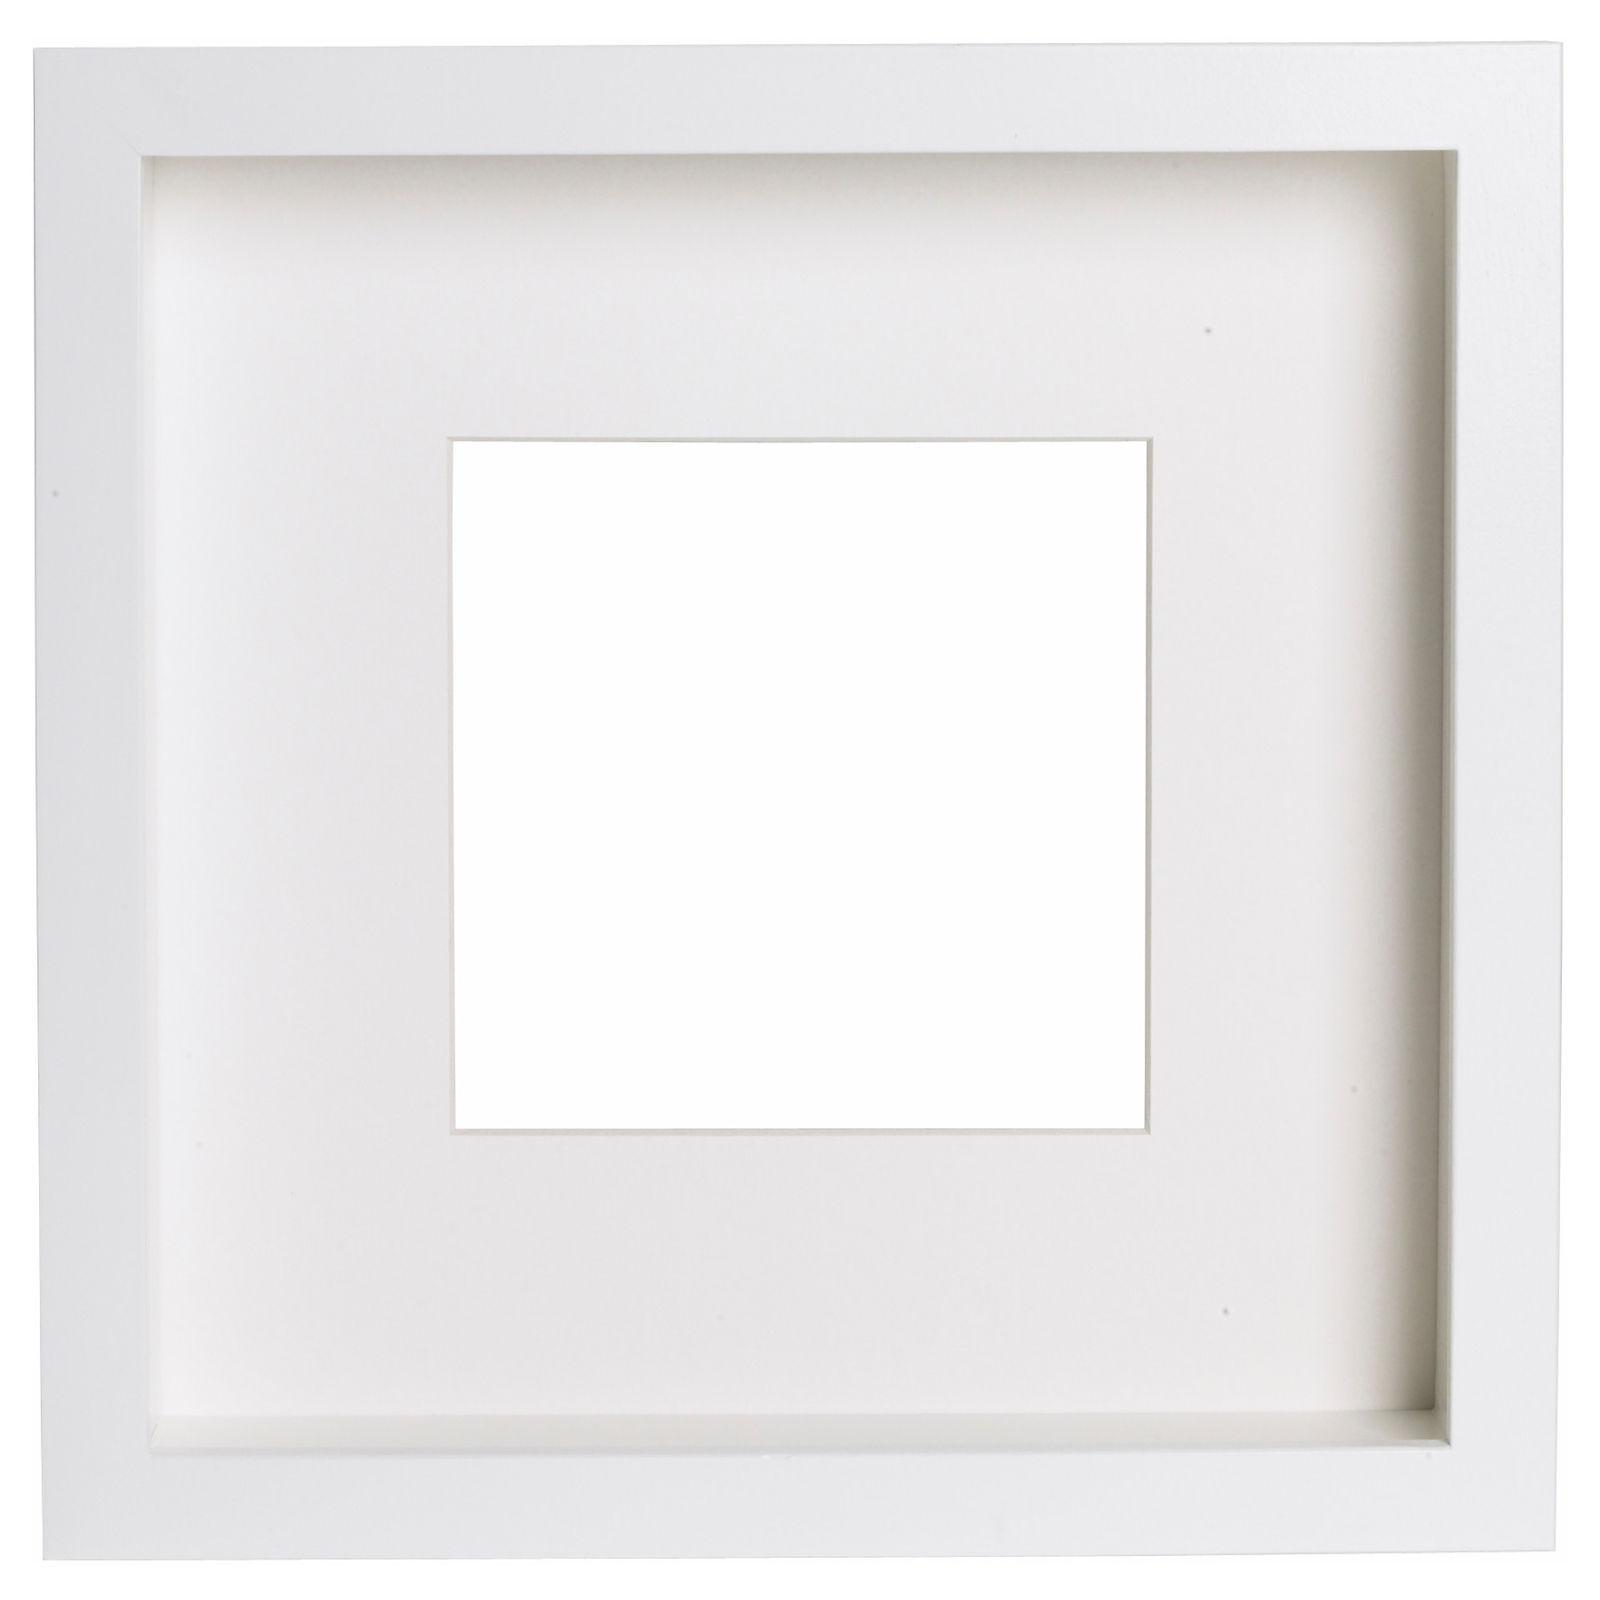 IKEA Ribba Rahmen In weiß (23x23x4 5cm) | eBay